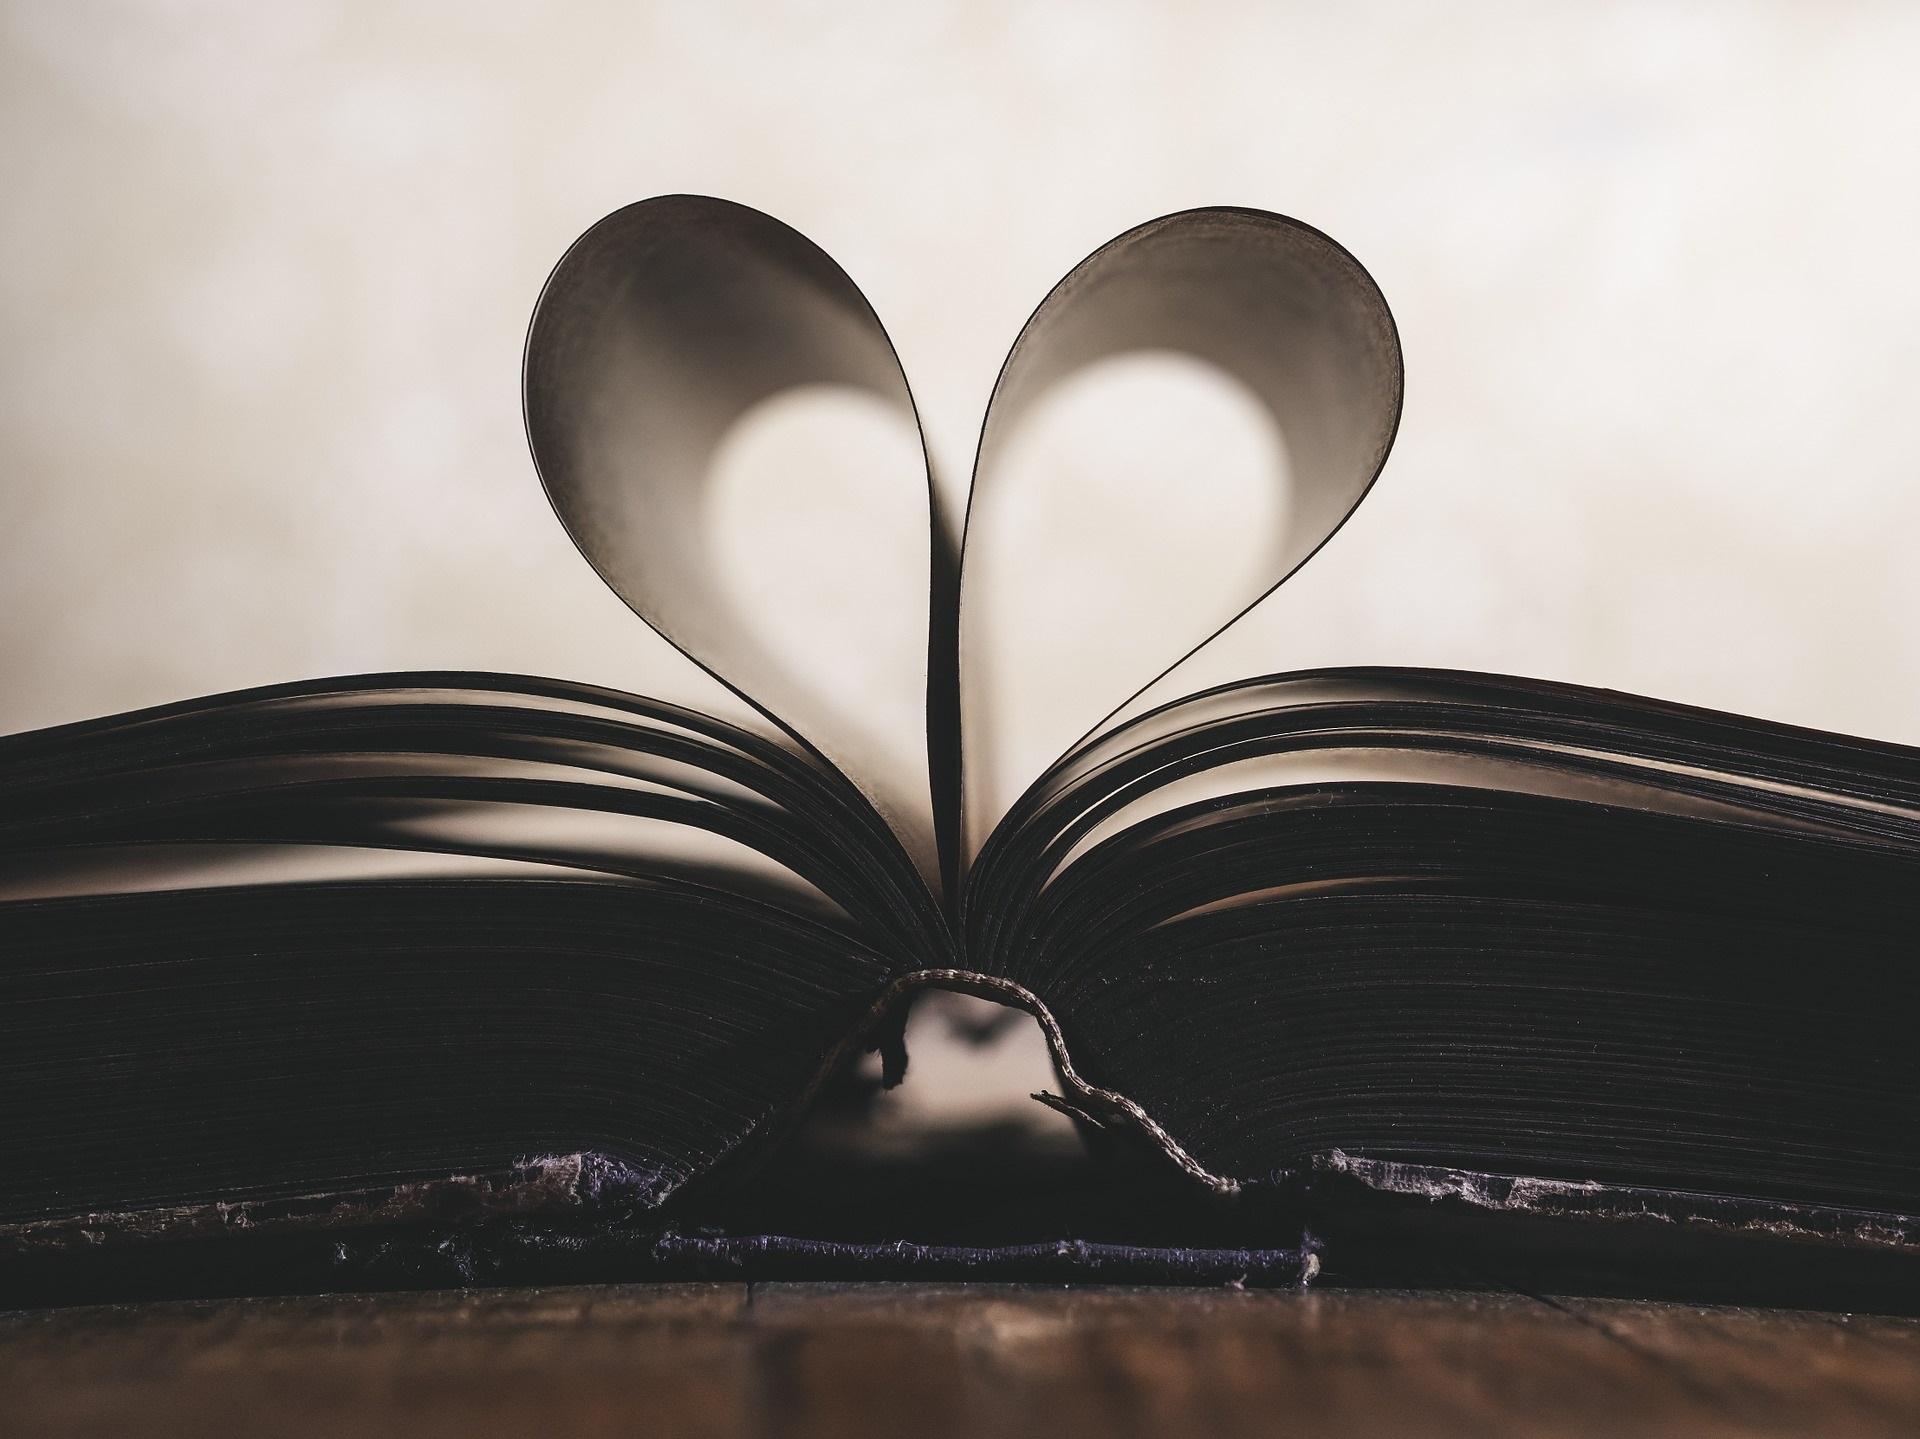 mejores libros para regalar 2019